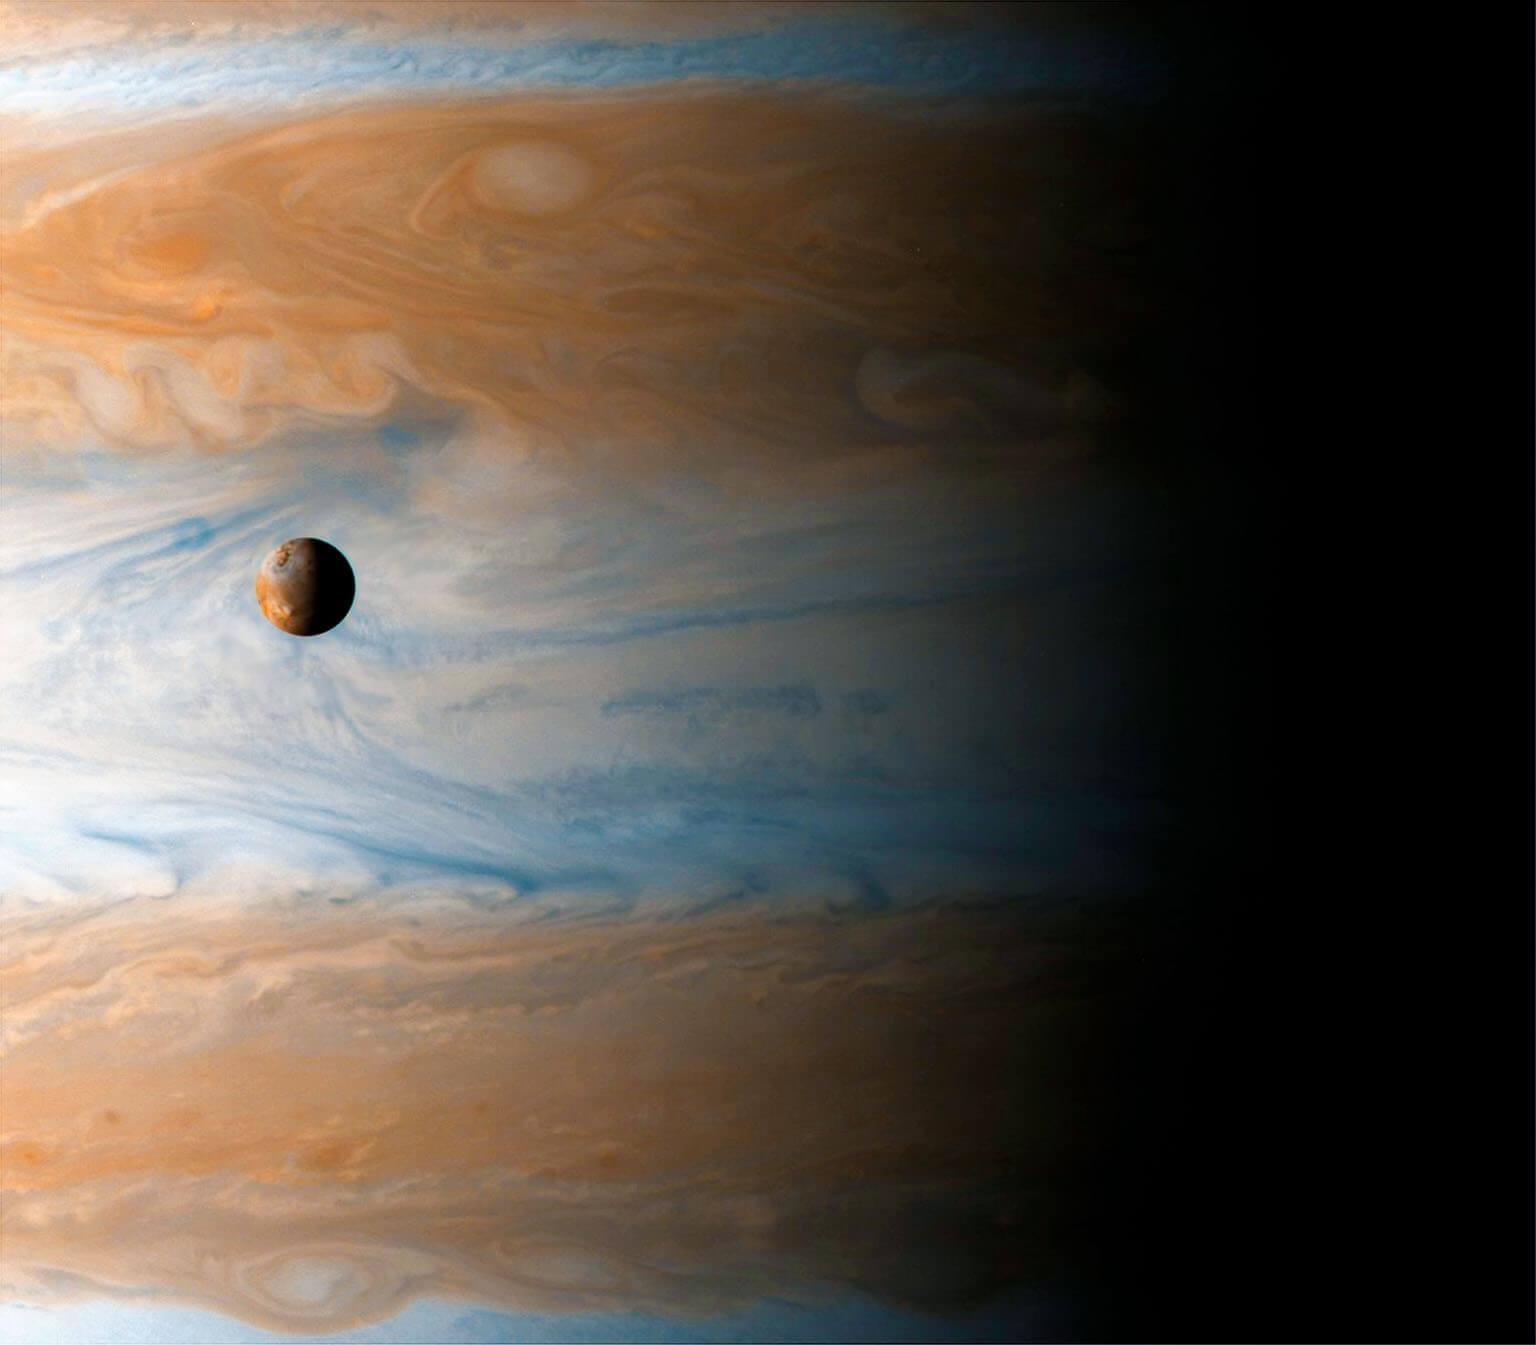 飄浮在木星上空的木衛一是伽利略所發現的四顆木星衛星之一。儘管大小與月球相同,但在太陽系中最大的行星面前卻顯得渺小。 PHOTO: NASA/JPL/UNIVERSITY OF ARIZONA